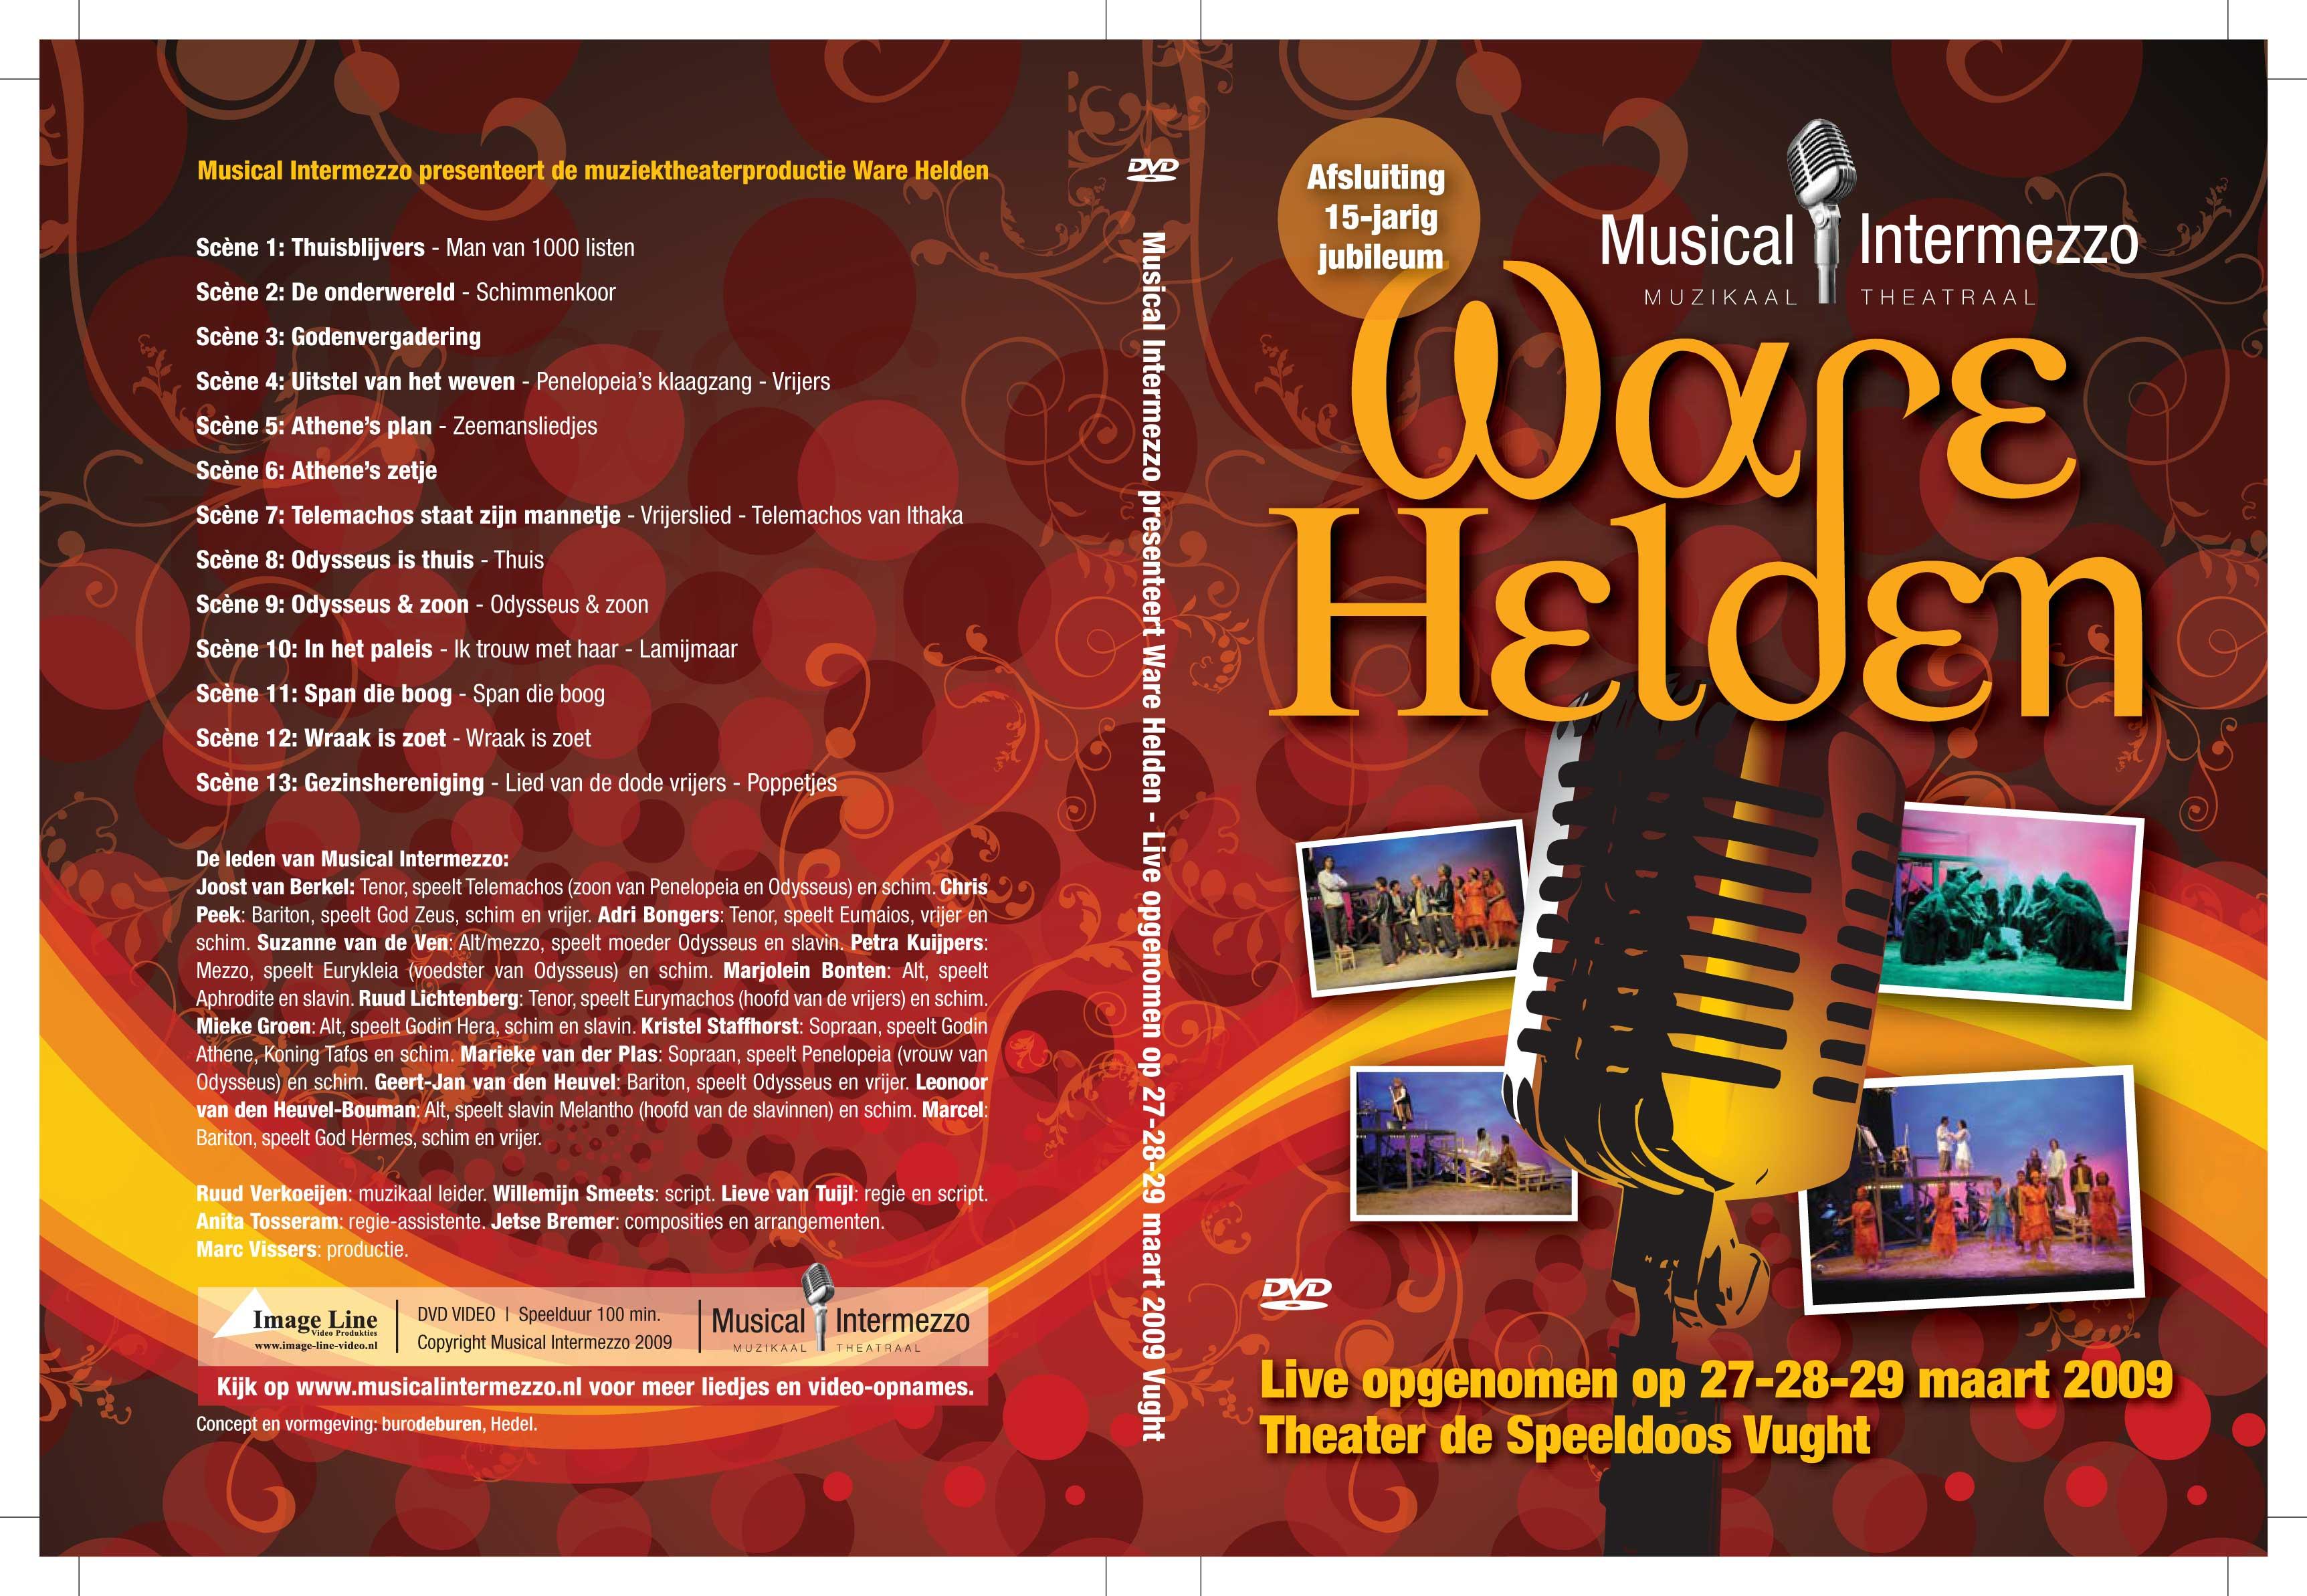 dvd-inlay-mi-ware-helden